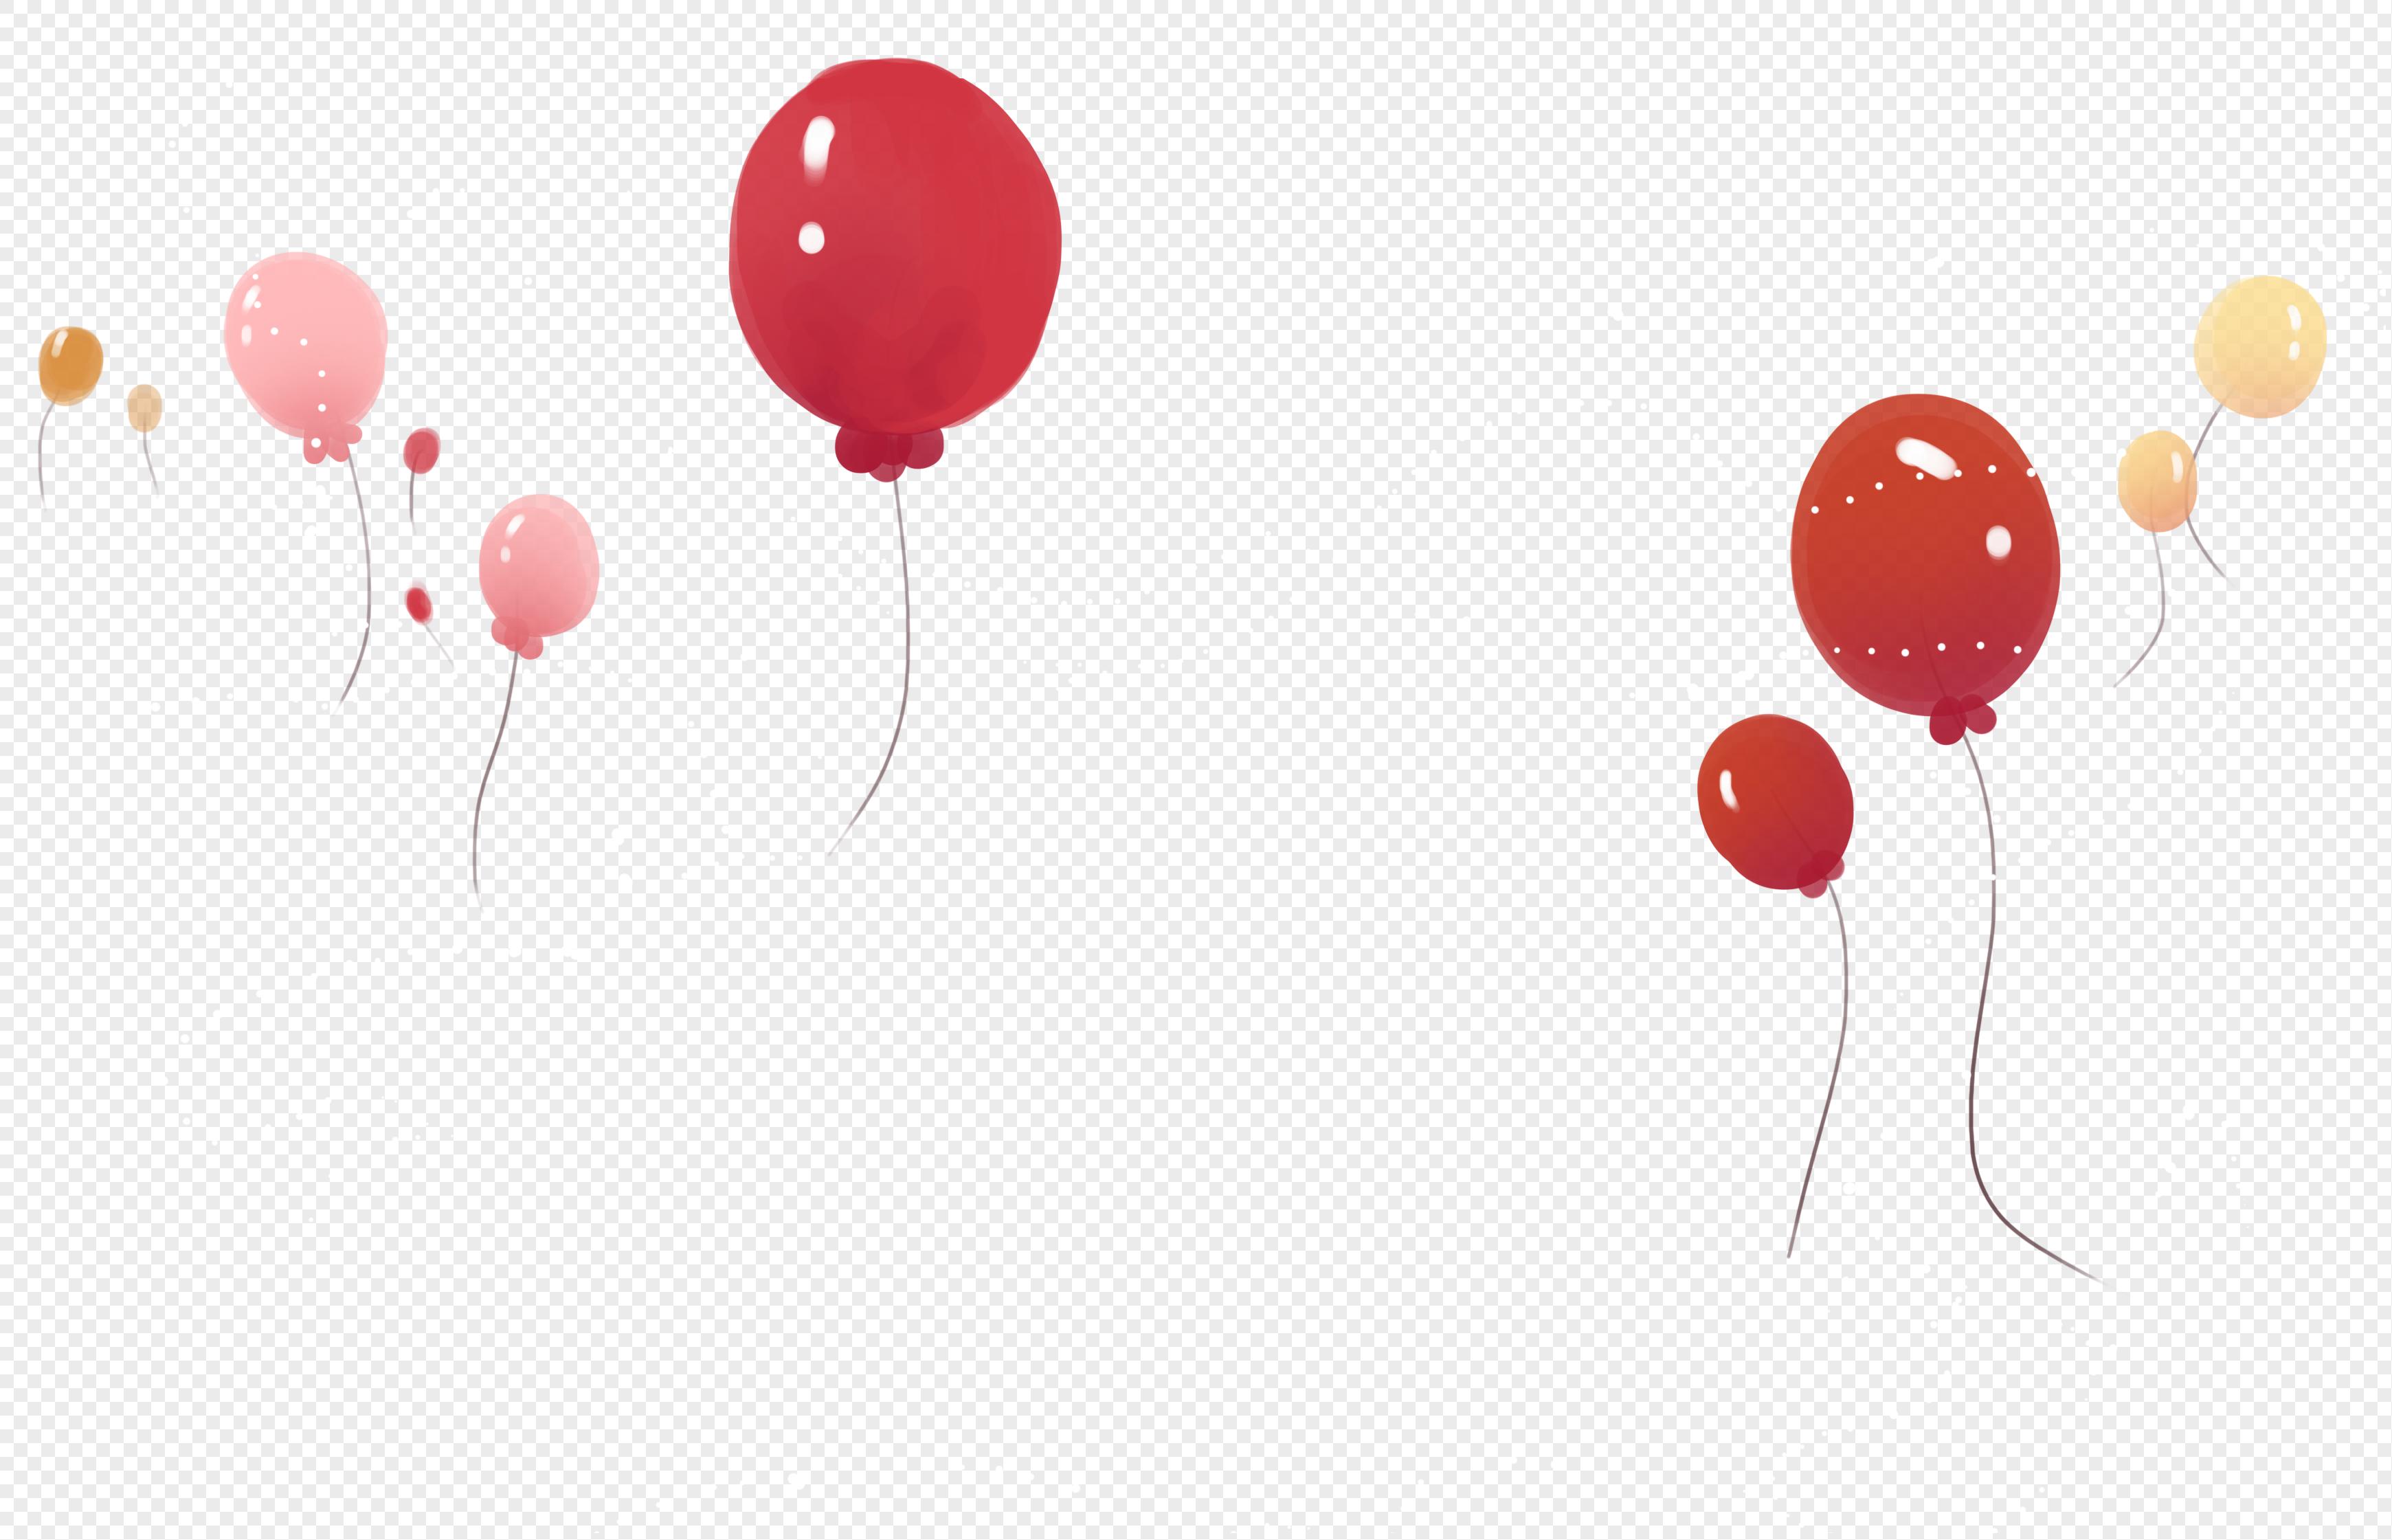 图片 素材 手绘/卡通元素 装饰气球.